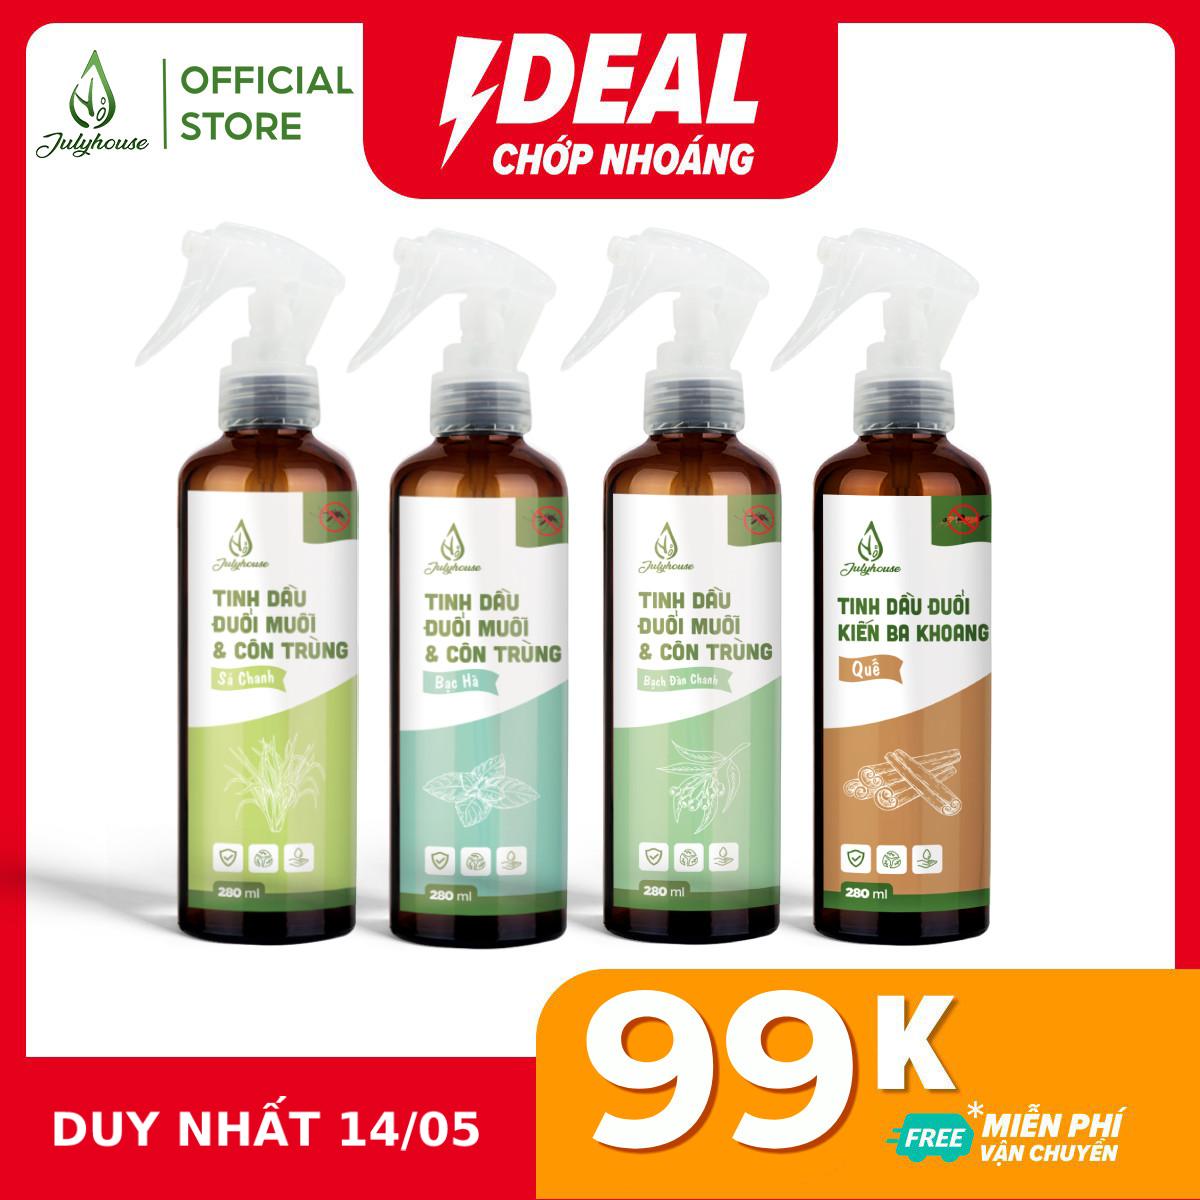 Bình xịt phòng Tinh dầu đuổi muỗi và côn trùng 280ml JULYHOUSE khử mùi hiệu quả siêu tiết kiệm (mùi tự chọn)